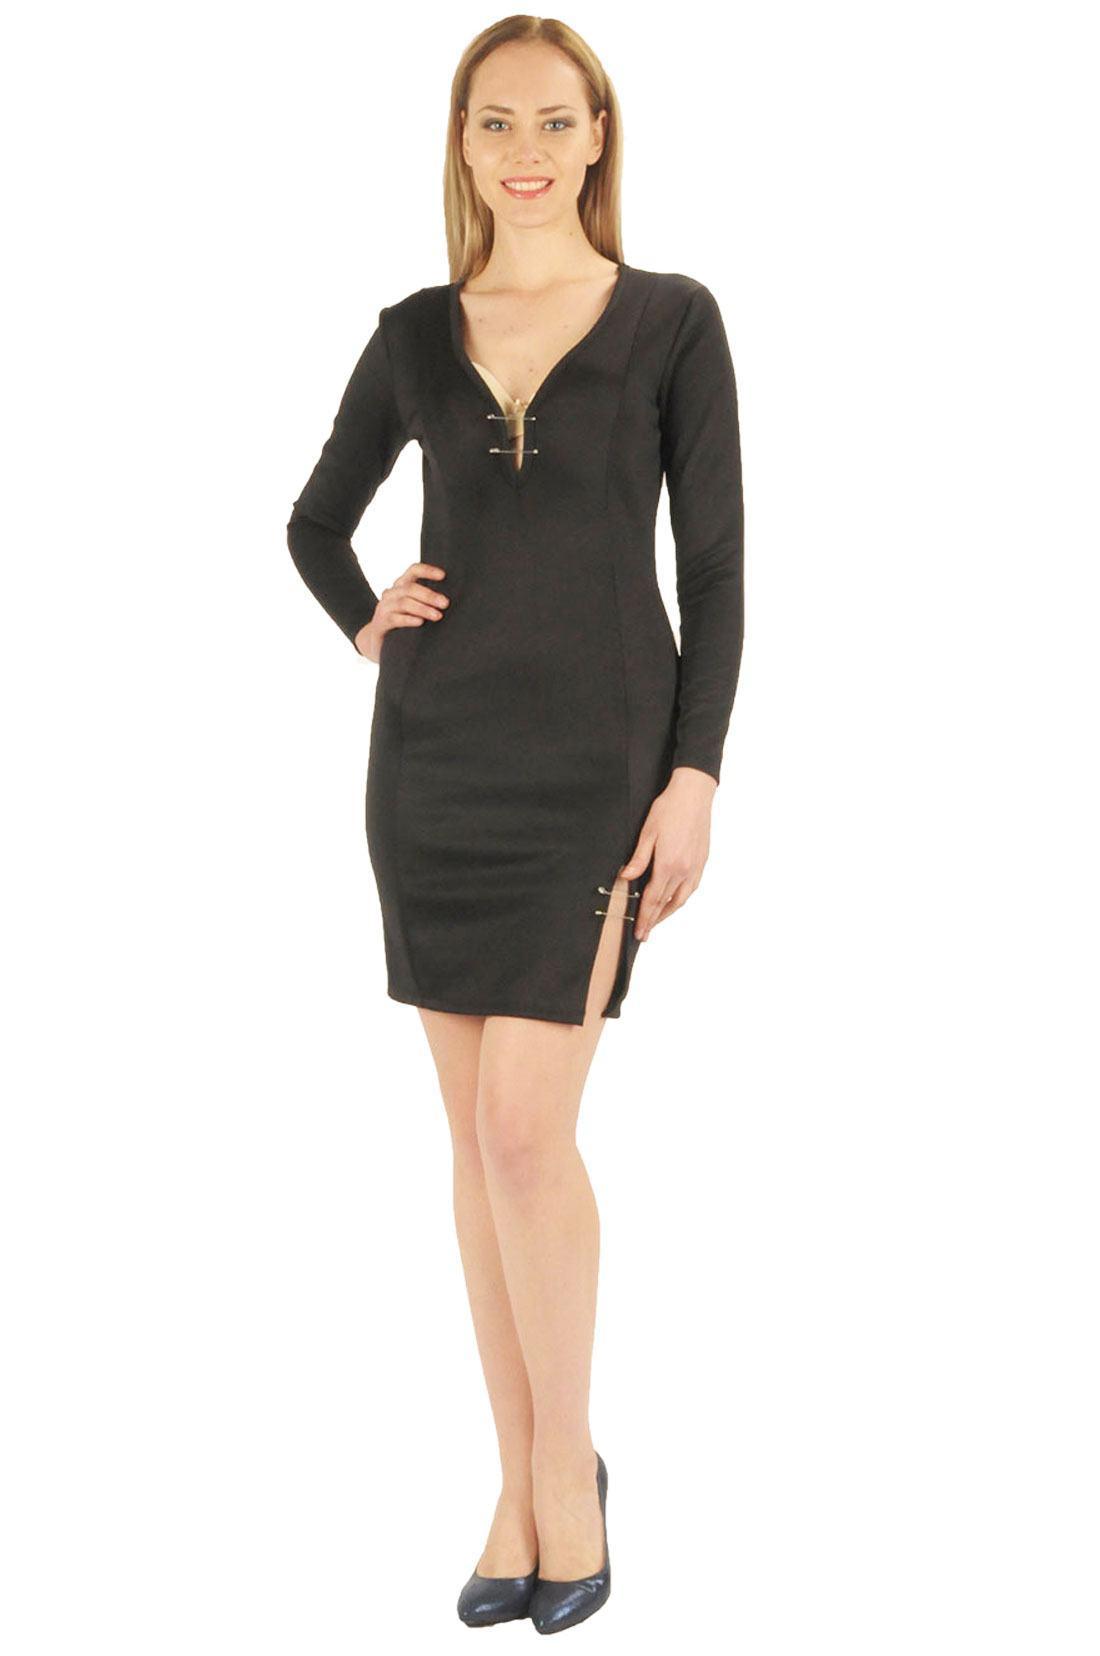 9705c66e9430b Siyah yırtmaçlı iğne detaylı bayan elbise